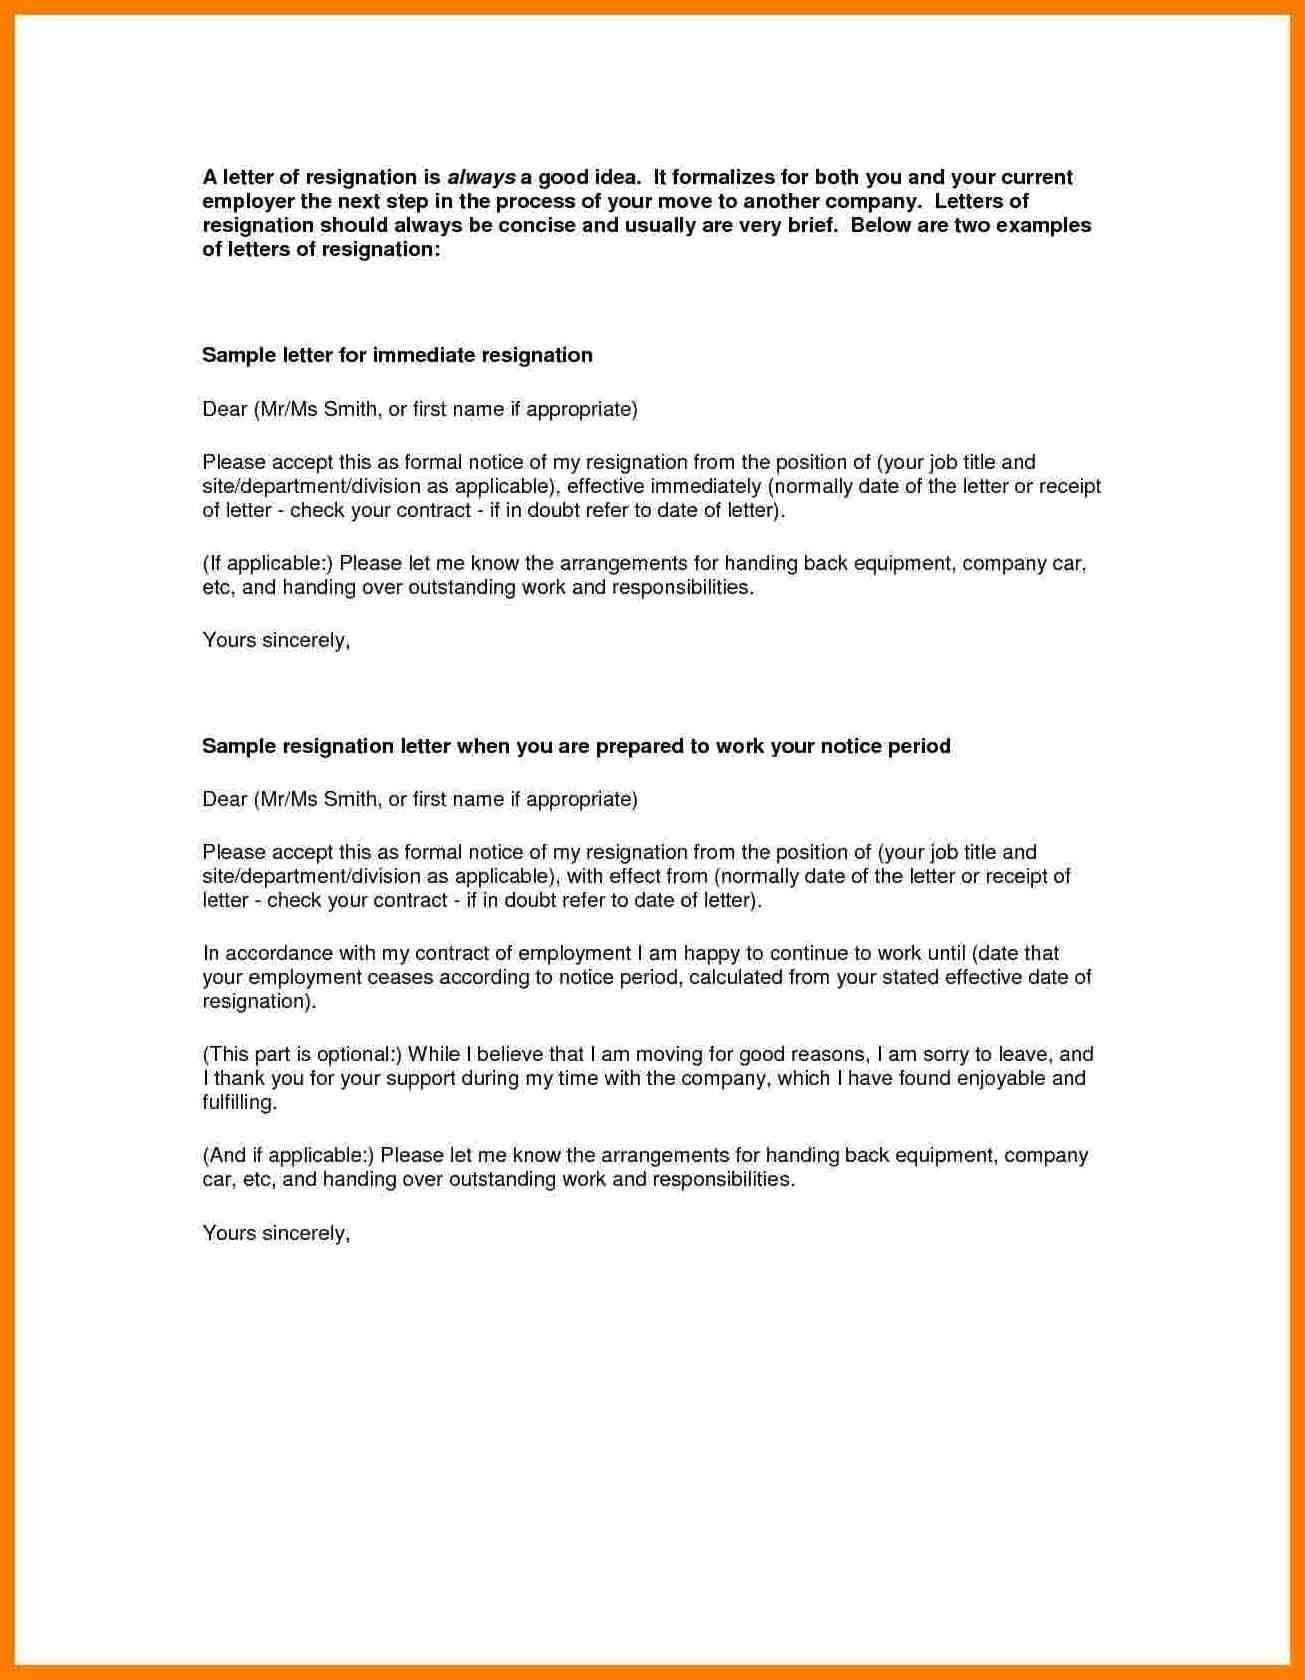 Resignation Letter Effective Immediately in 2020